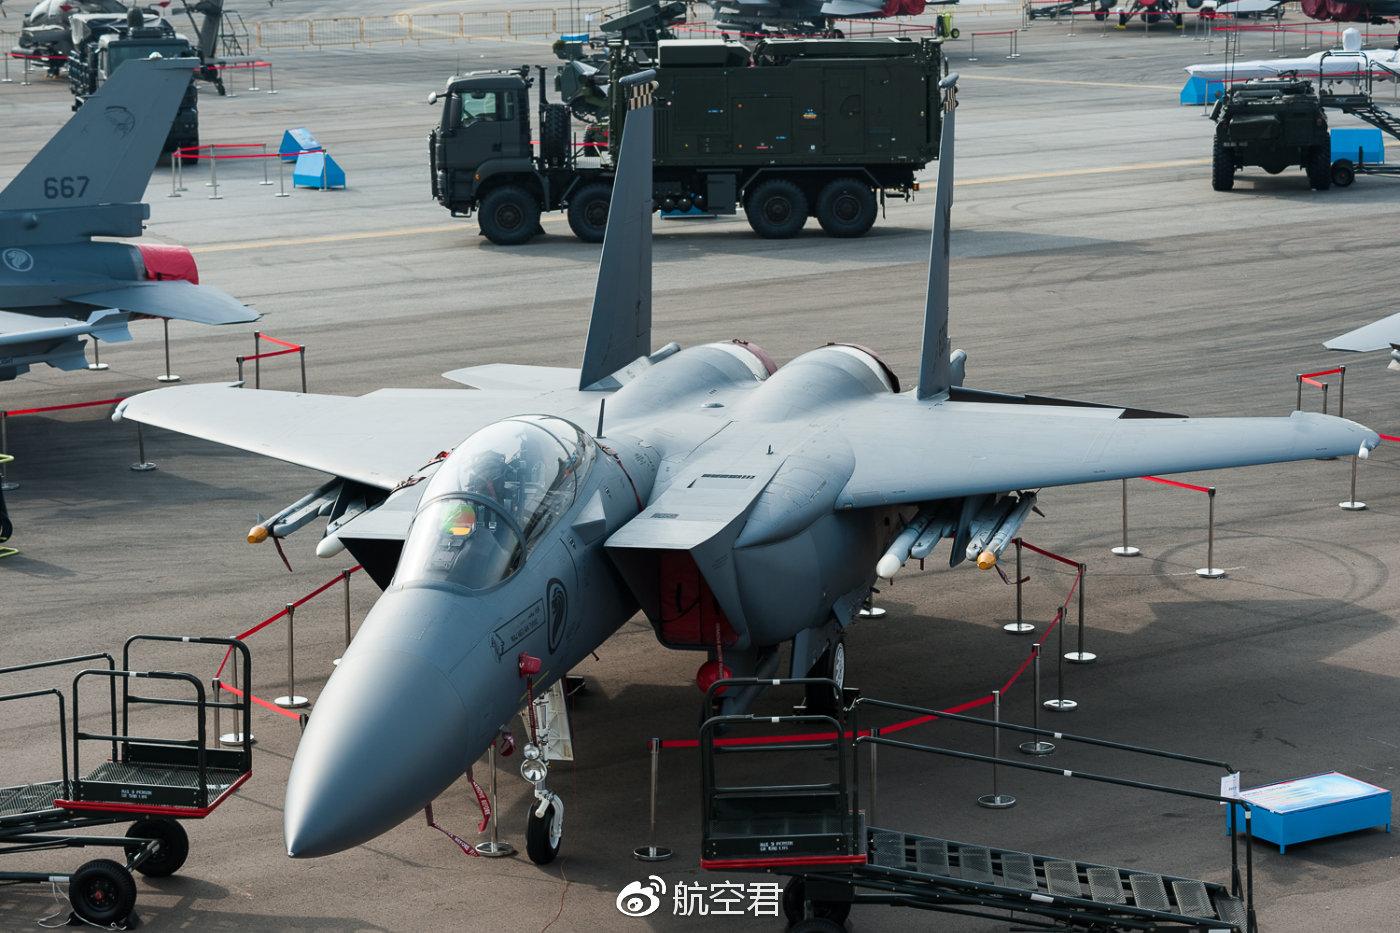 新加坡的军事实力在该区域还是很强的,尤其是空军力量